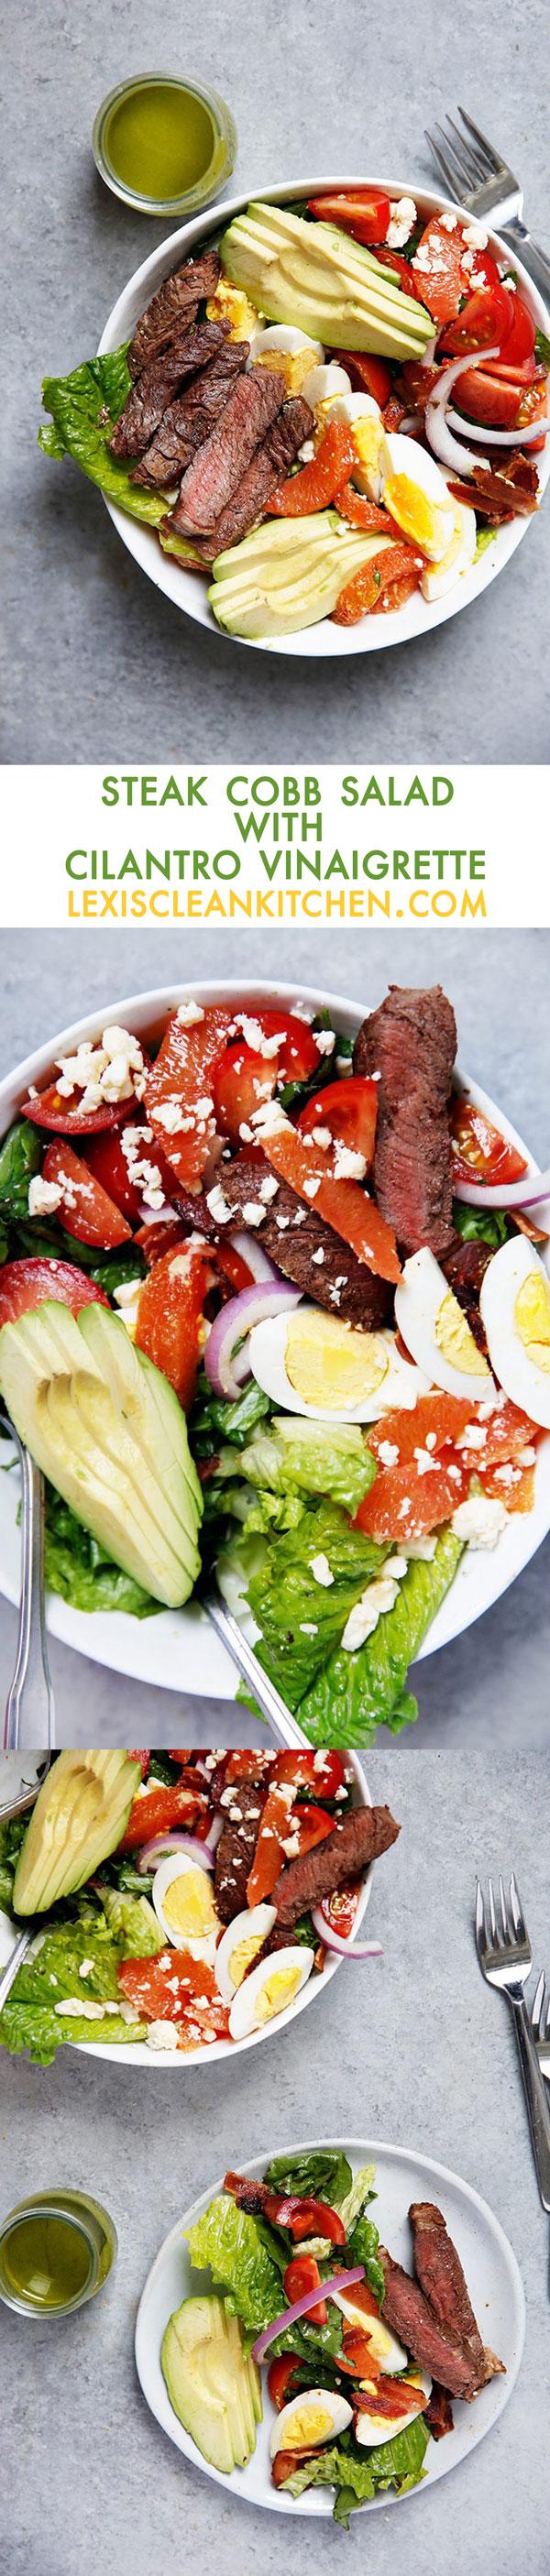 Lexi S Clean Kitchen Steak Cobb Salad With Cilantro Vinaigrette